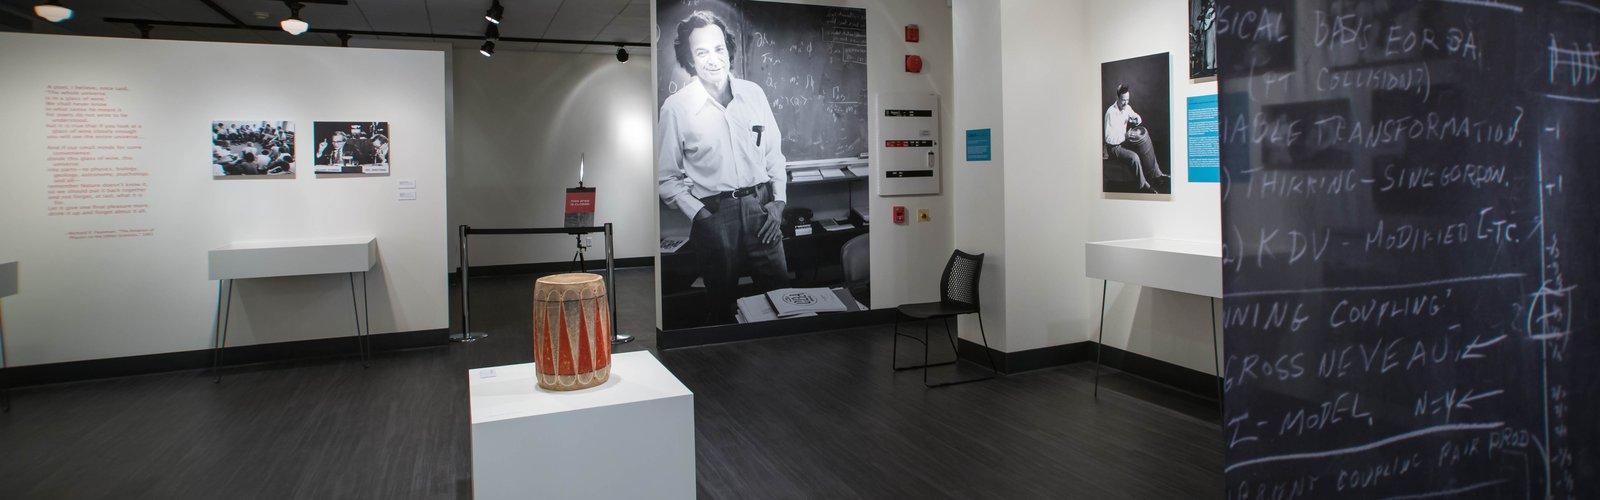 Feynman Exhibit